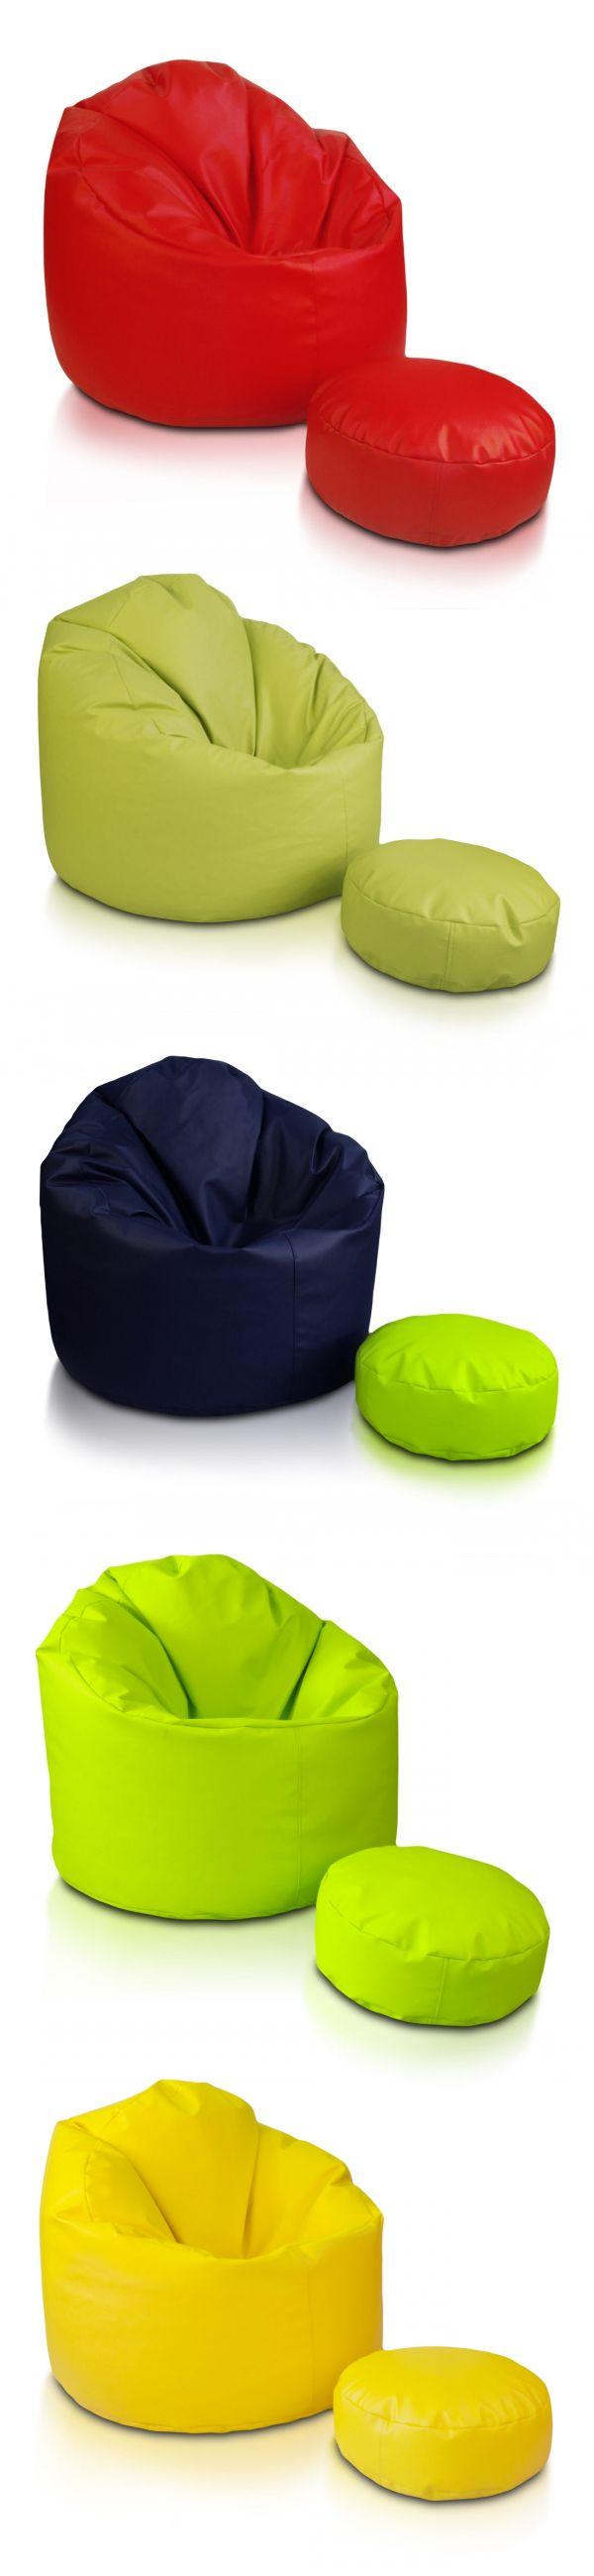 Fotel i podnóżek za 150 zł!  Oferta ważna do walentynek!  Spraw prezent ukochanej osobie. Do walentynek, fotel Star z gratisowym podnóżkiem za jedyne 150 złotych!  #fotel #fotelsako #podnóżek #fotelipodnózek #kompletmebli #woreksako #sako #pufypl #furini